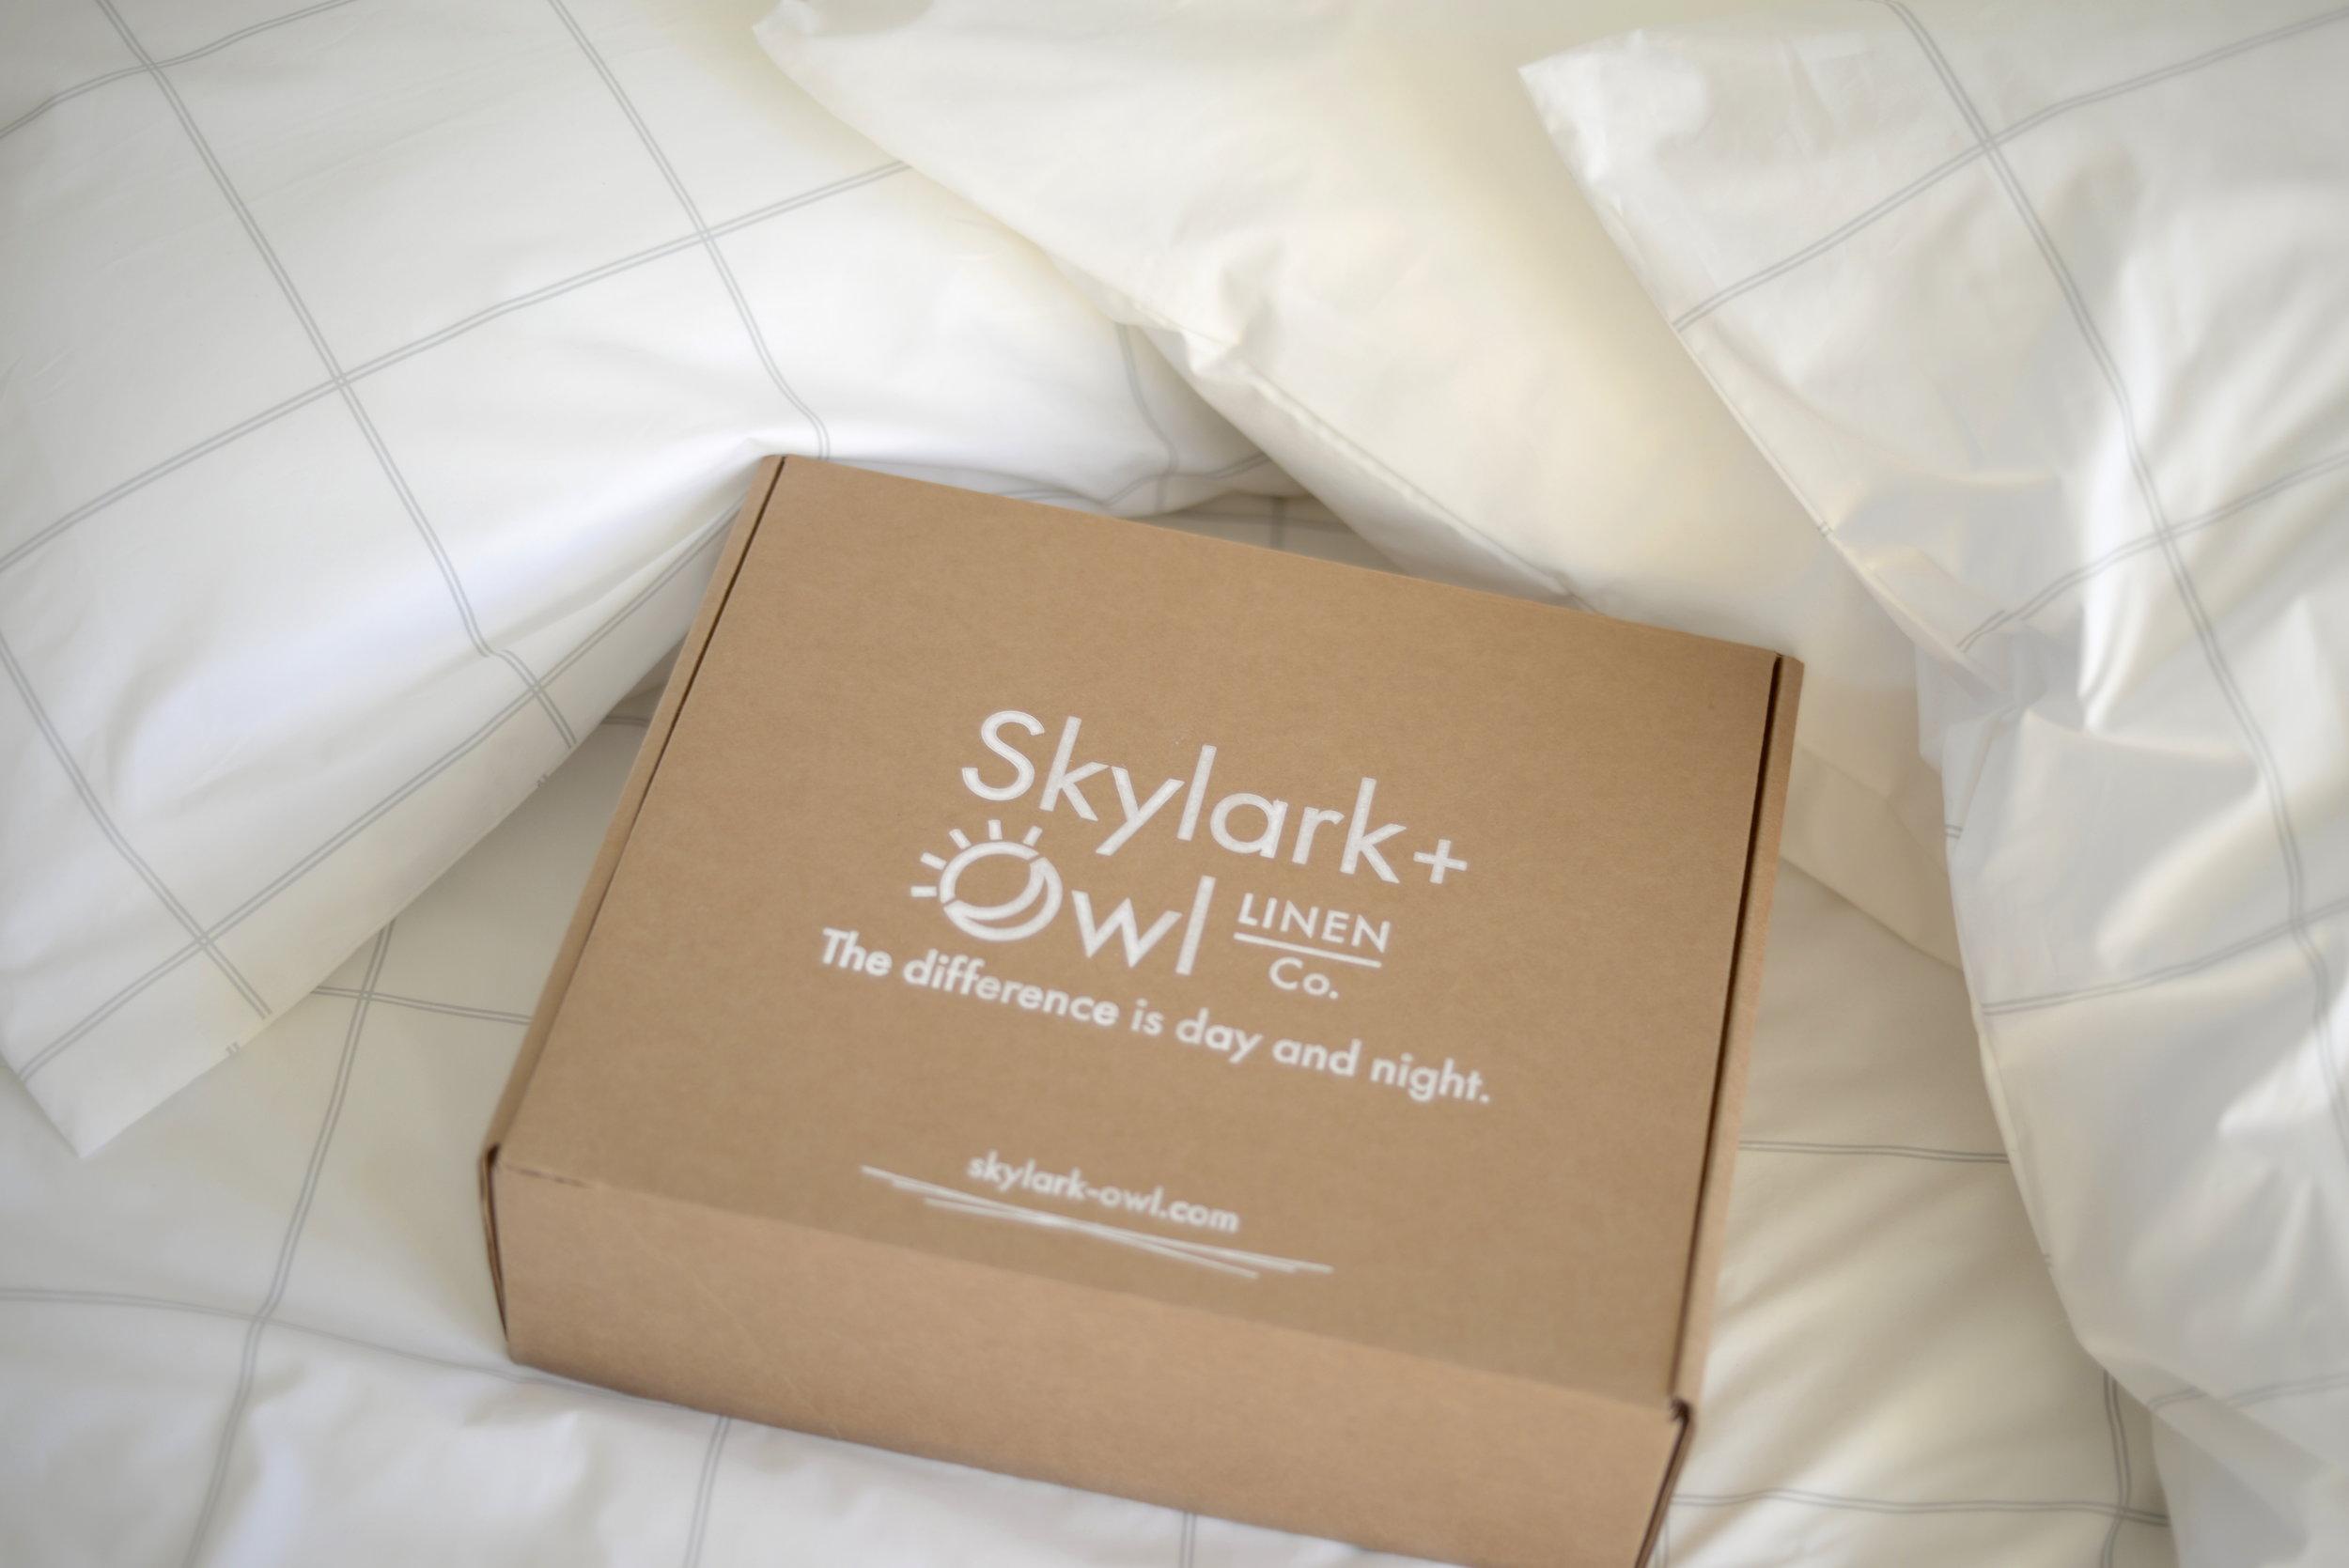 ethical bedding, skylark + owl bedding